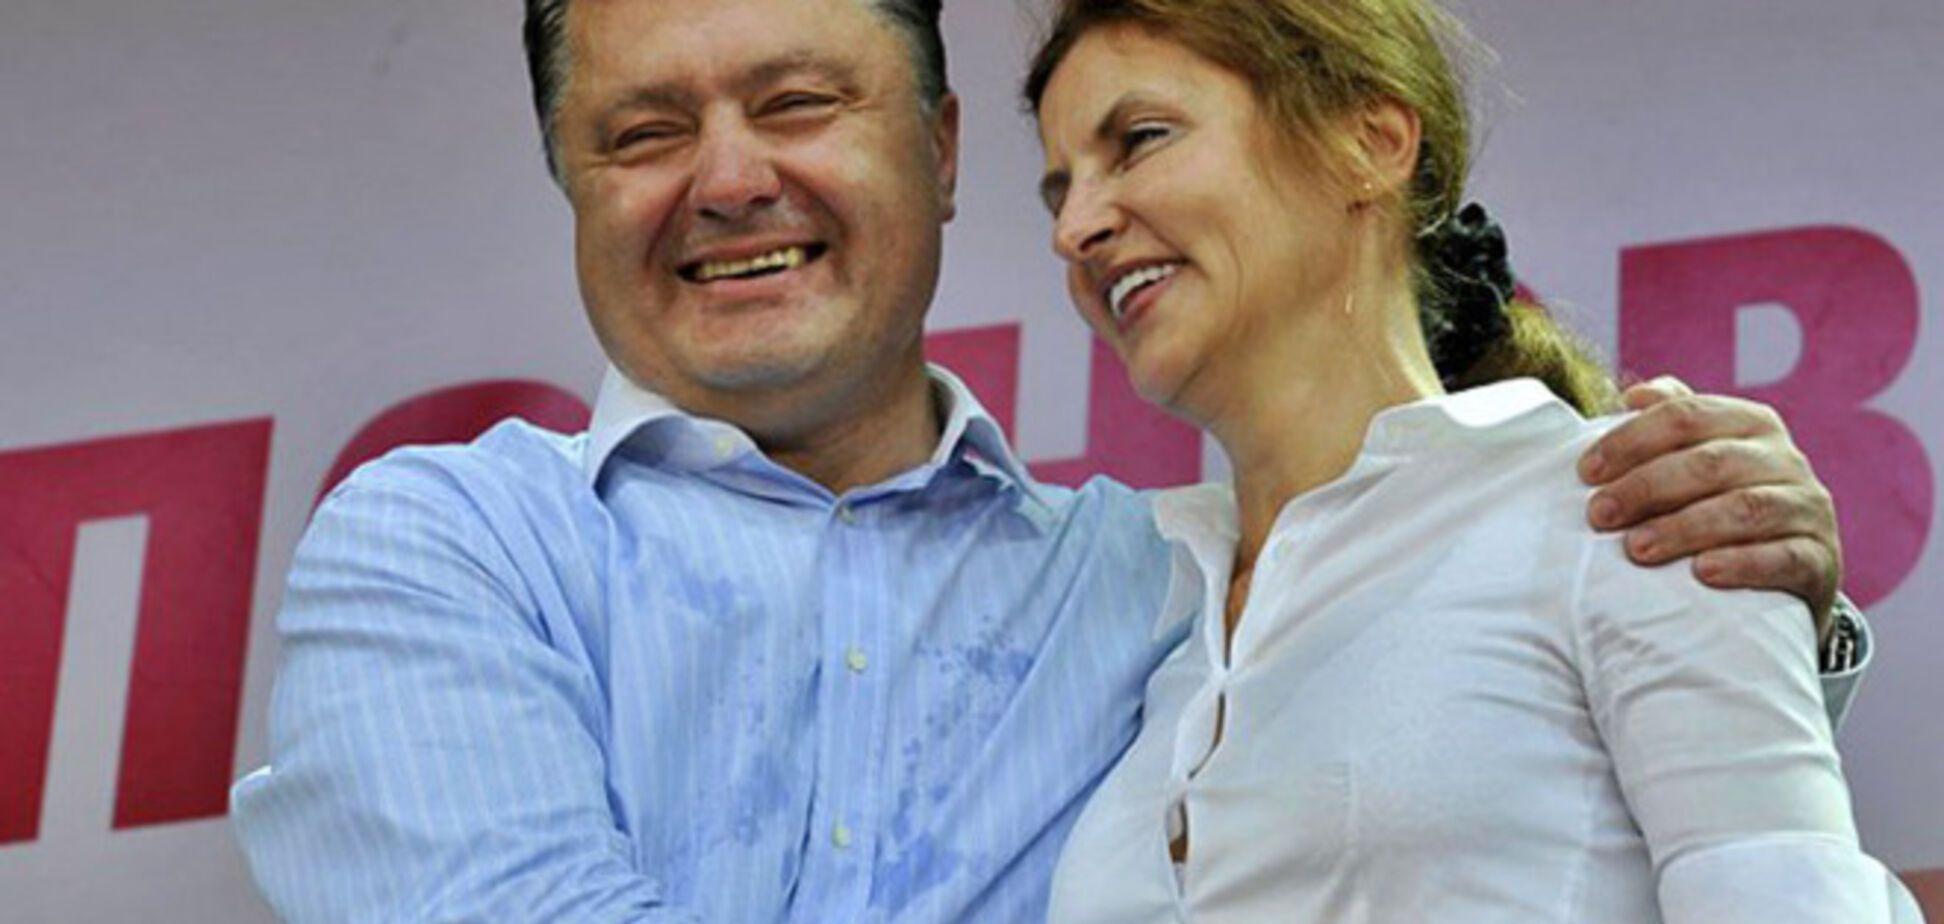 ТОП-7 найцікавіших фактів про дружину Порошенко